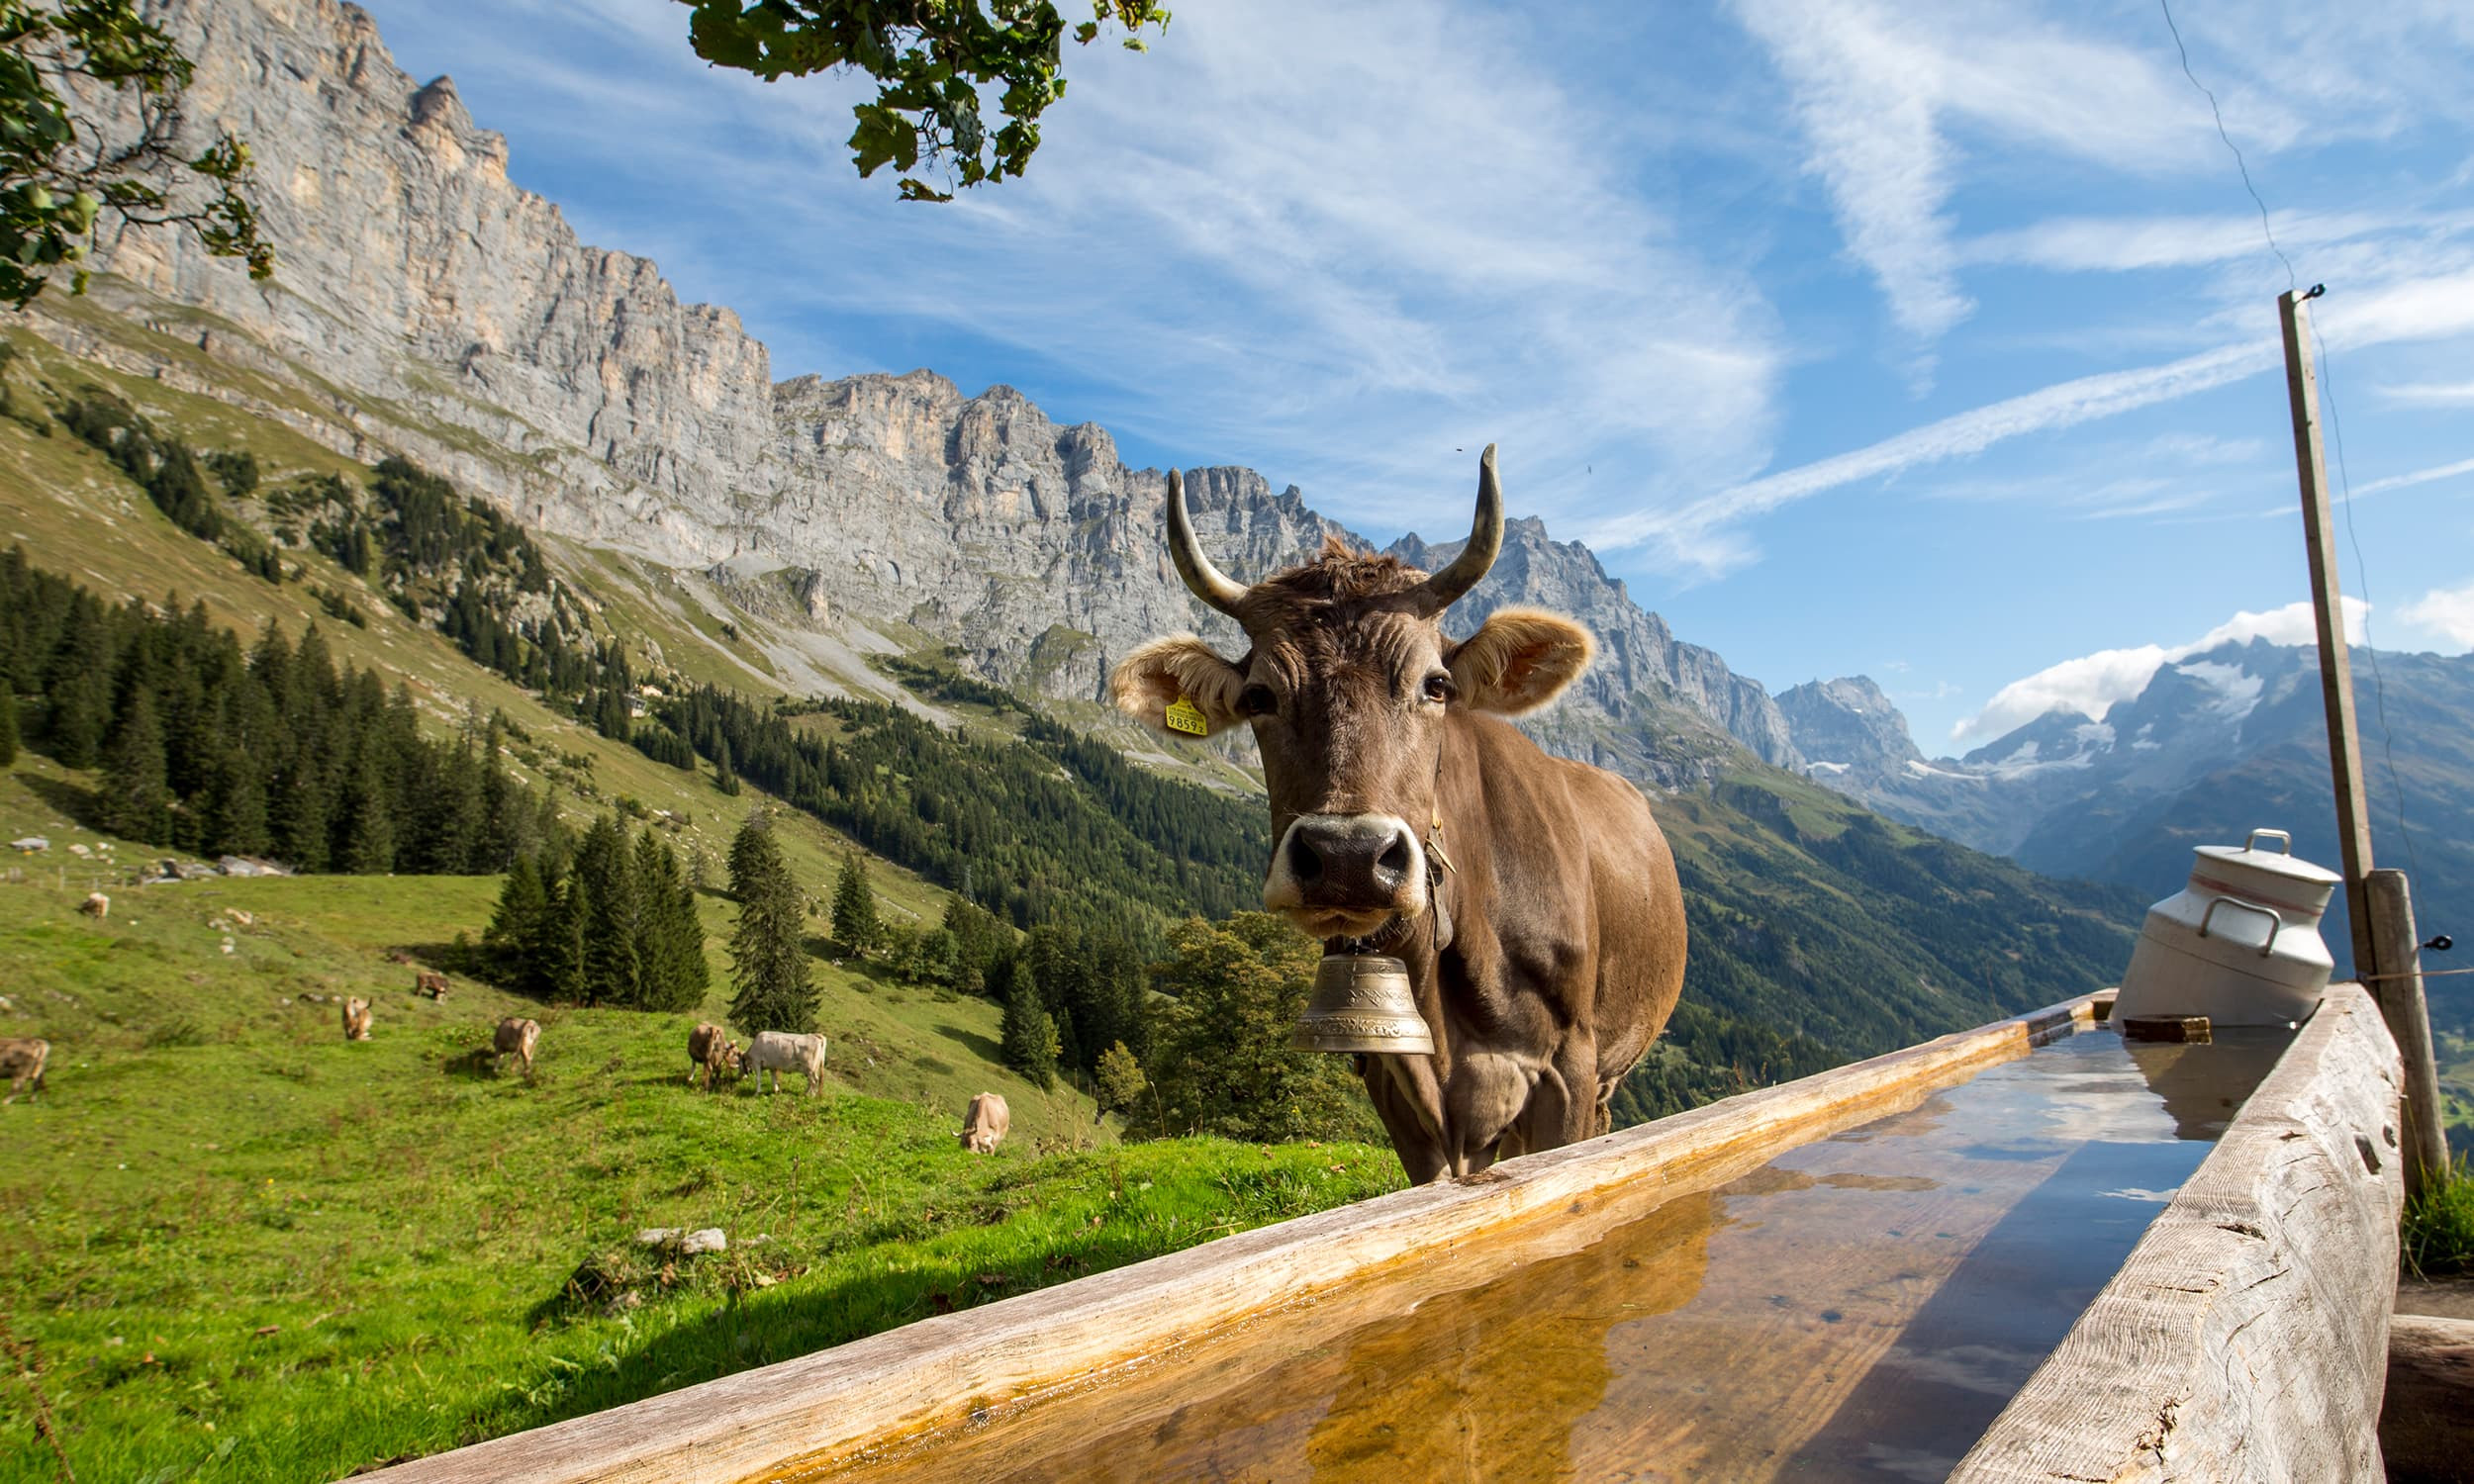 cow-birchlaui-davidbirri